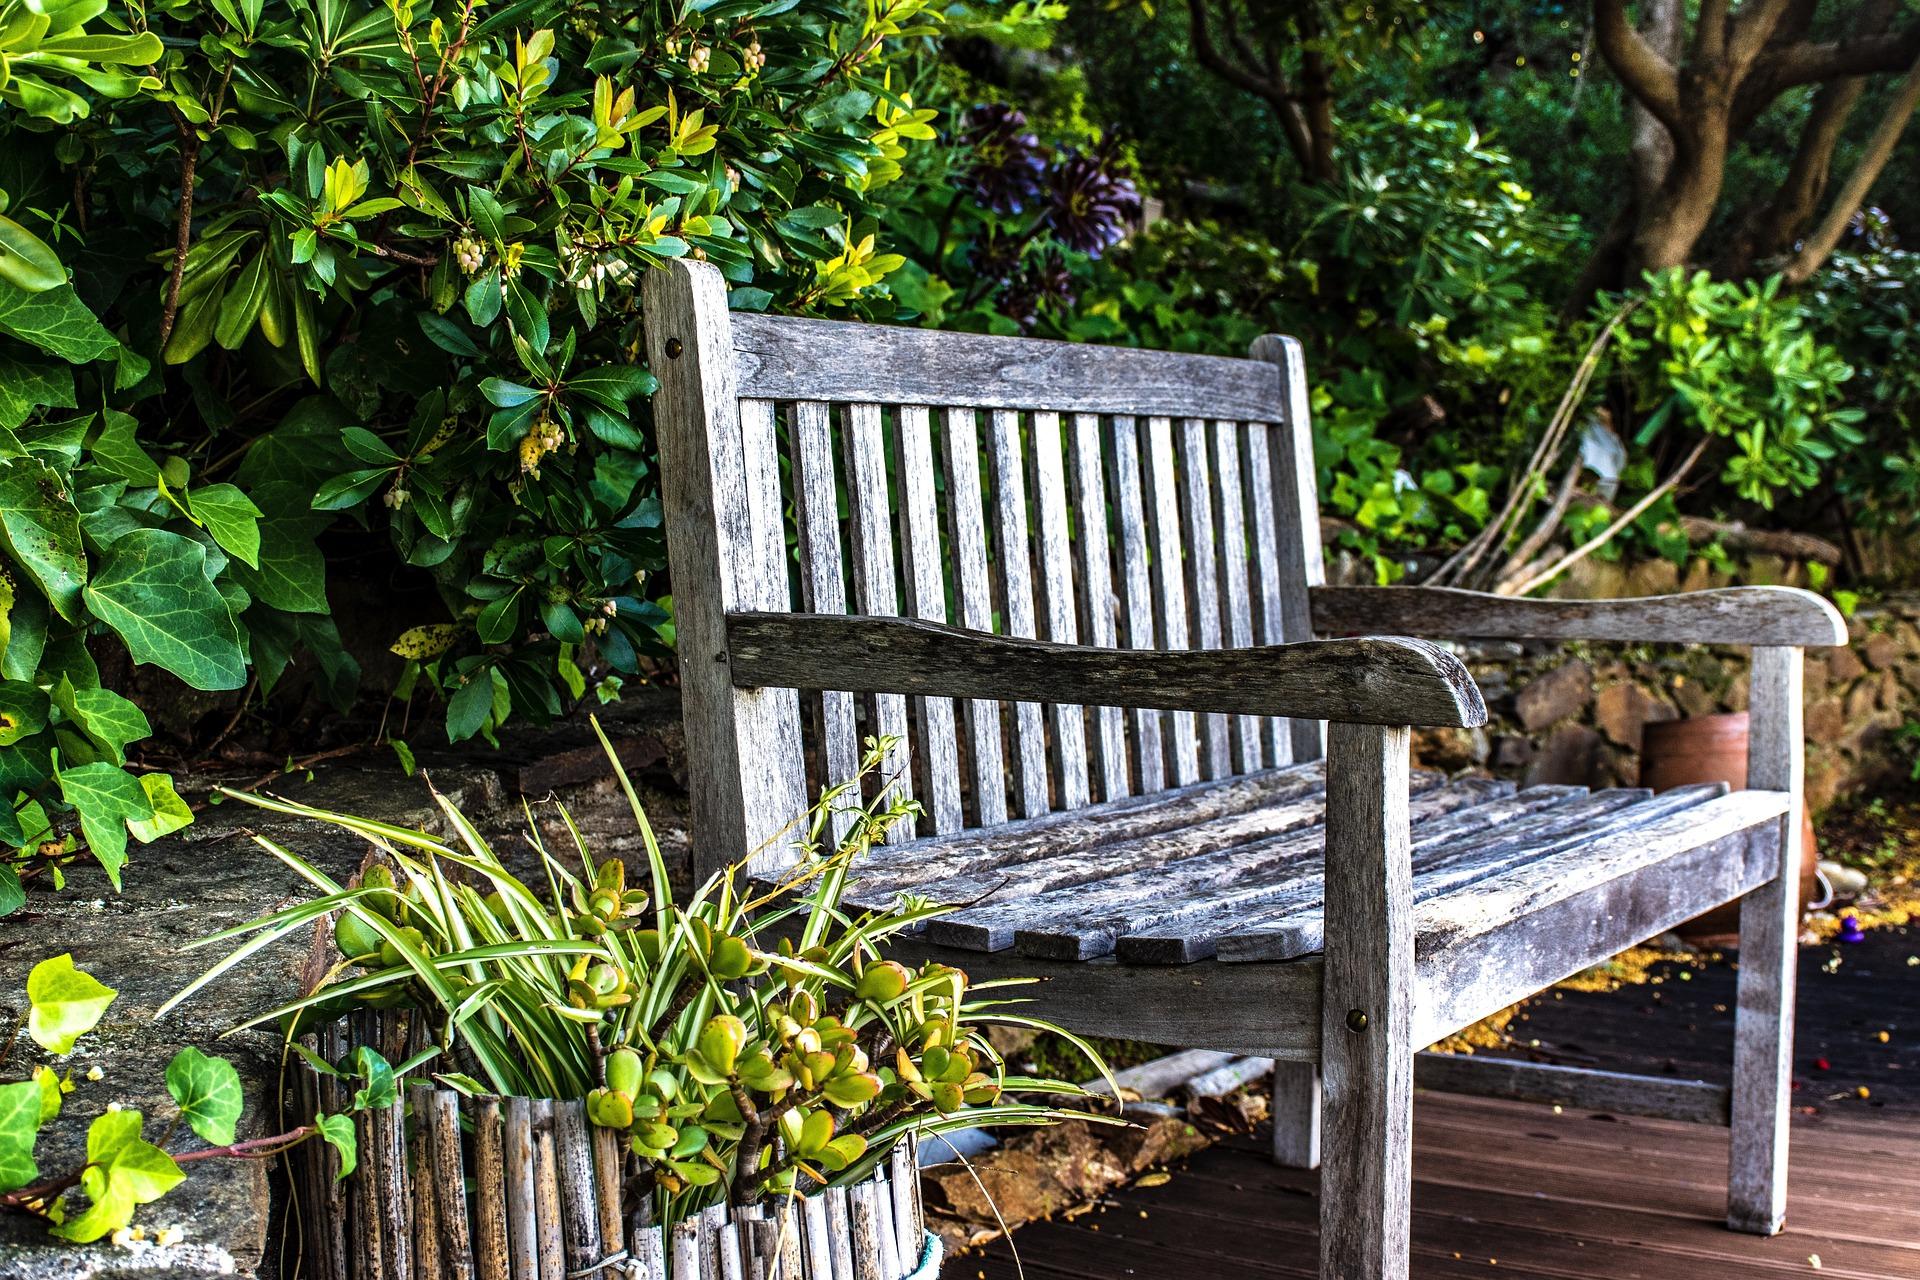 Hagearbeid- Gammel trebenk i grønn hage